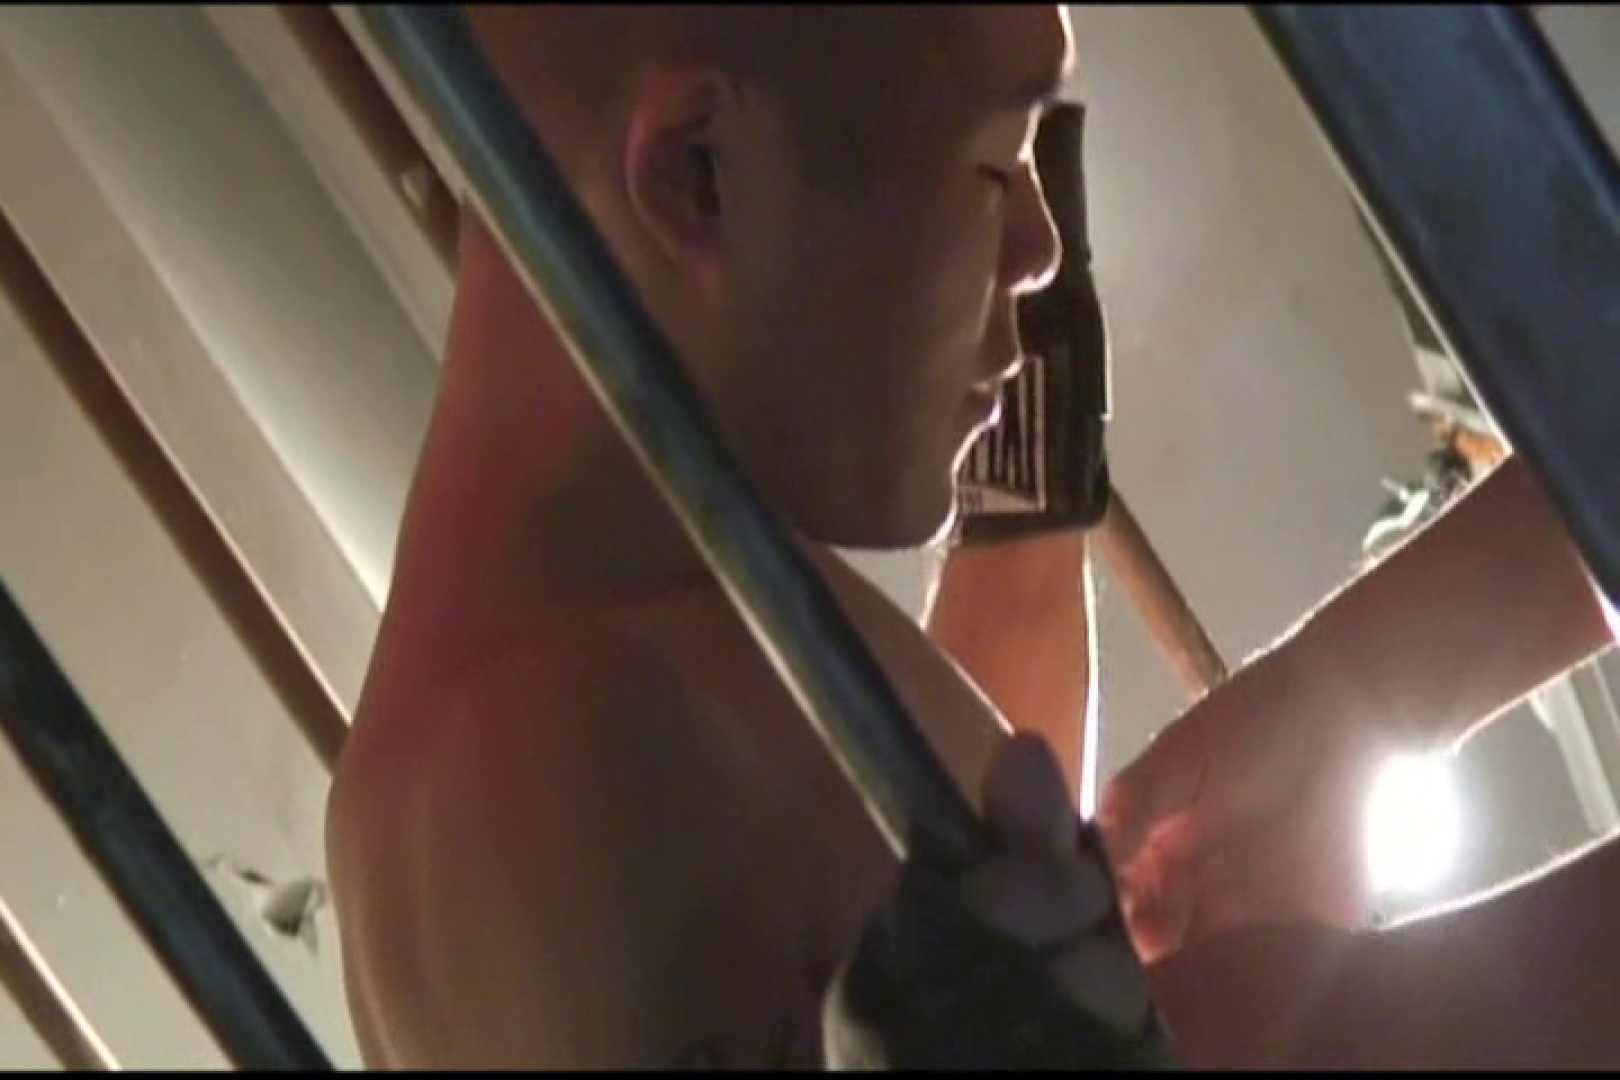 亀田興毅似なボクサーが乳首を弄られ感じる姿。 悶絶   完全無修正でお届け  106pic 15